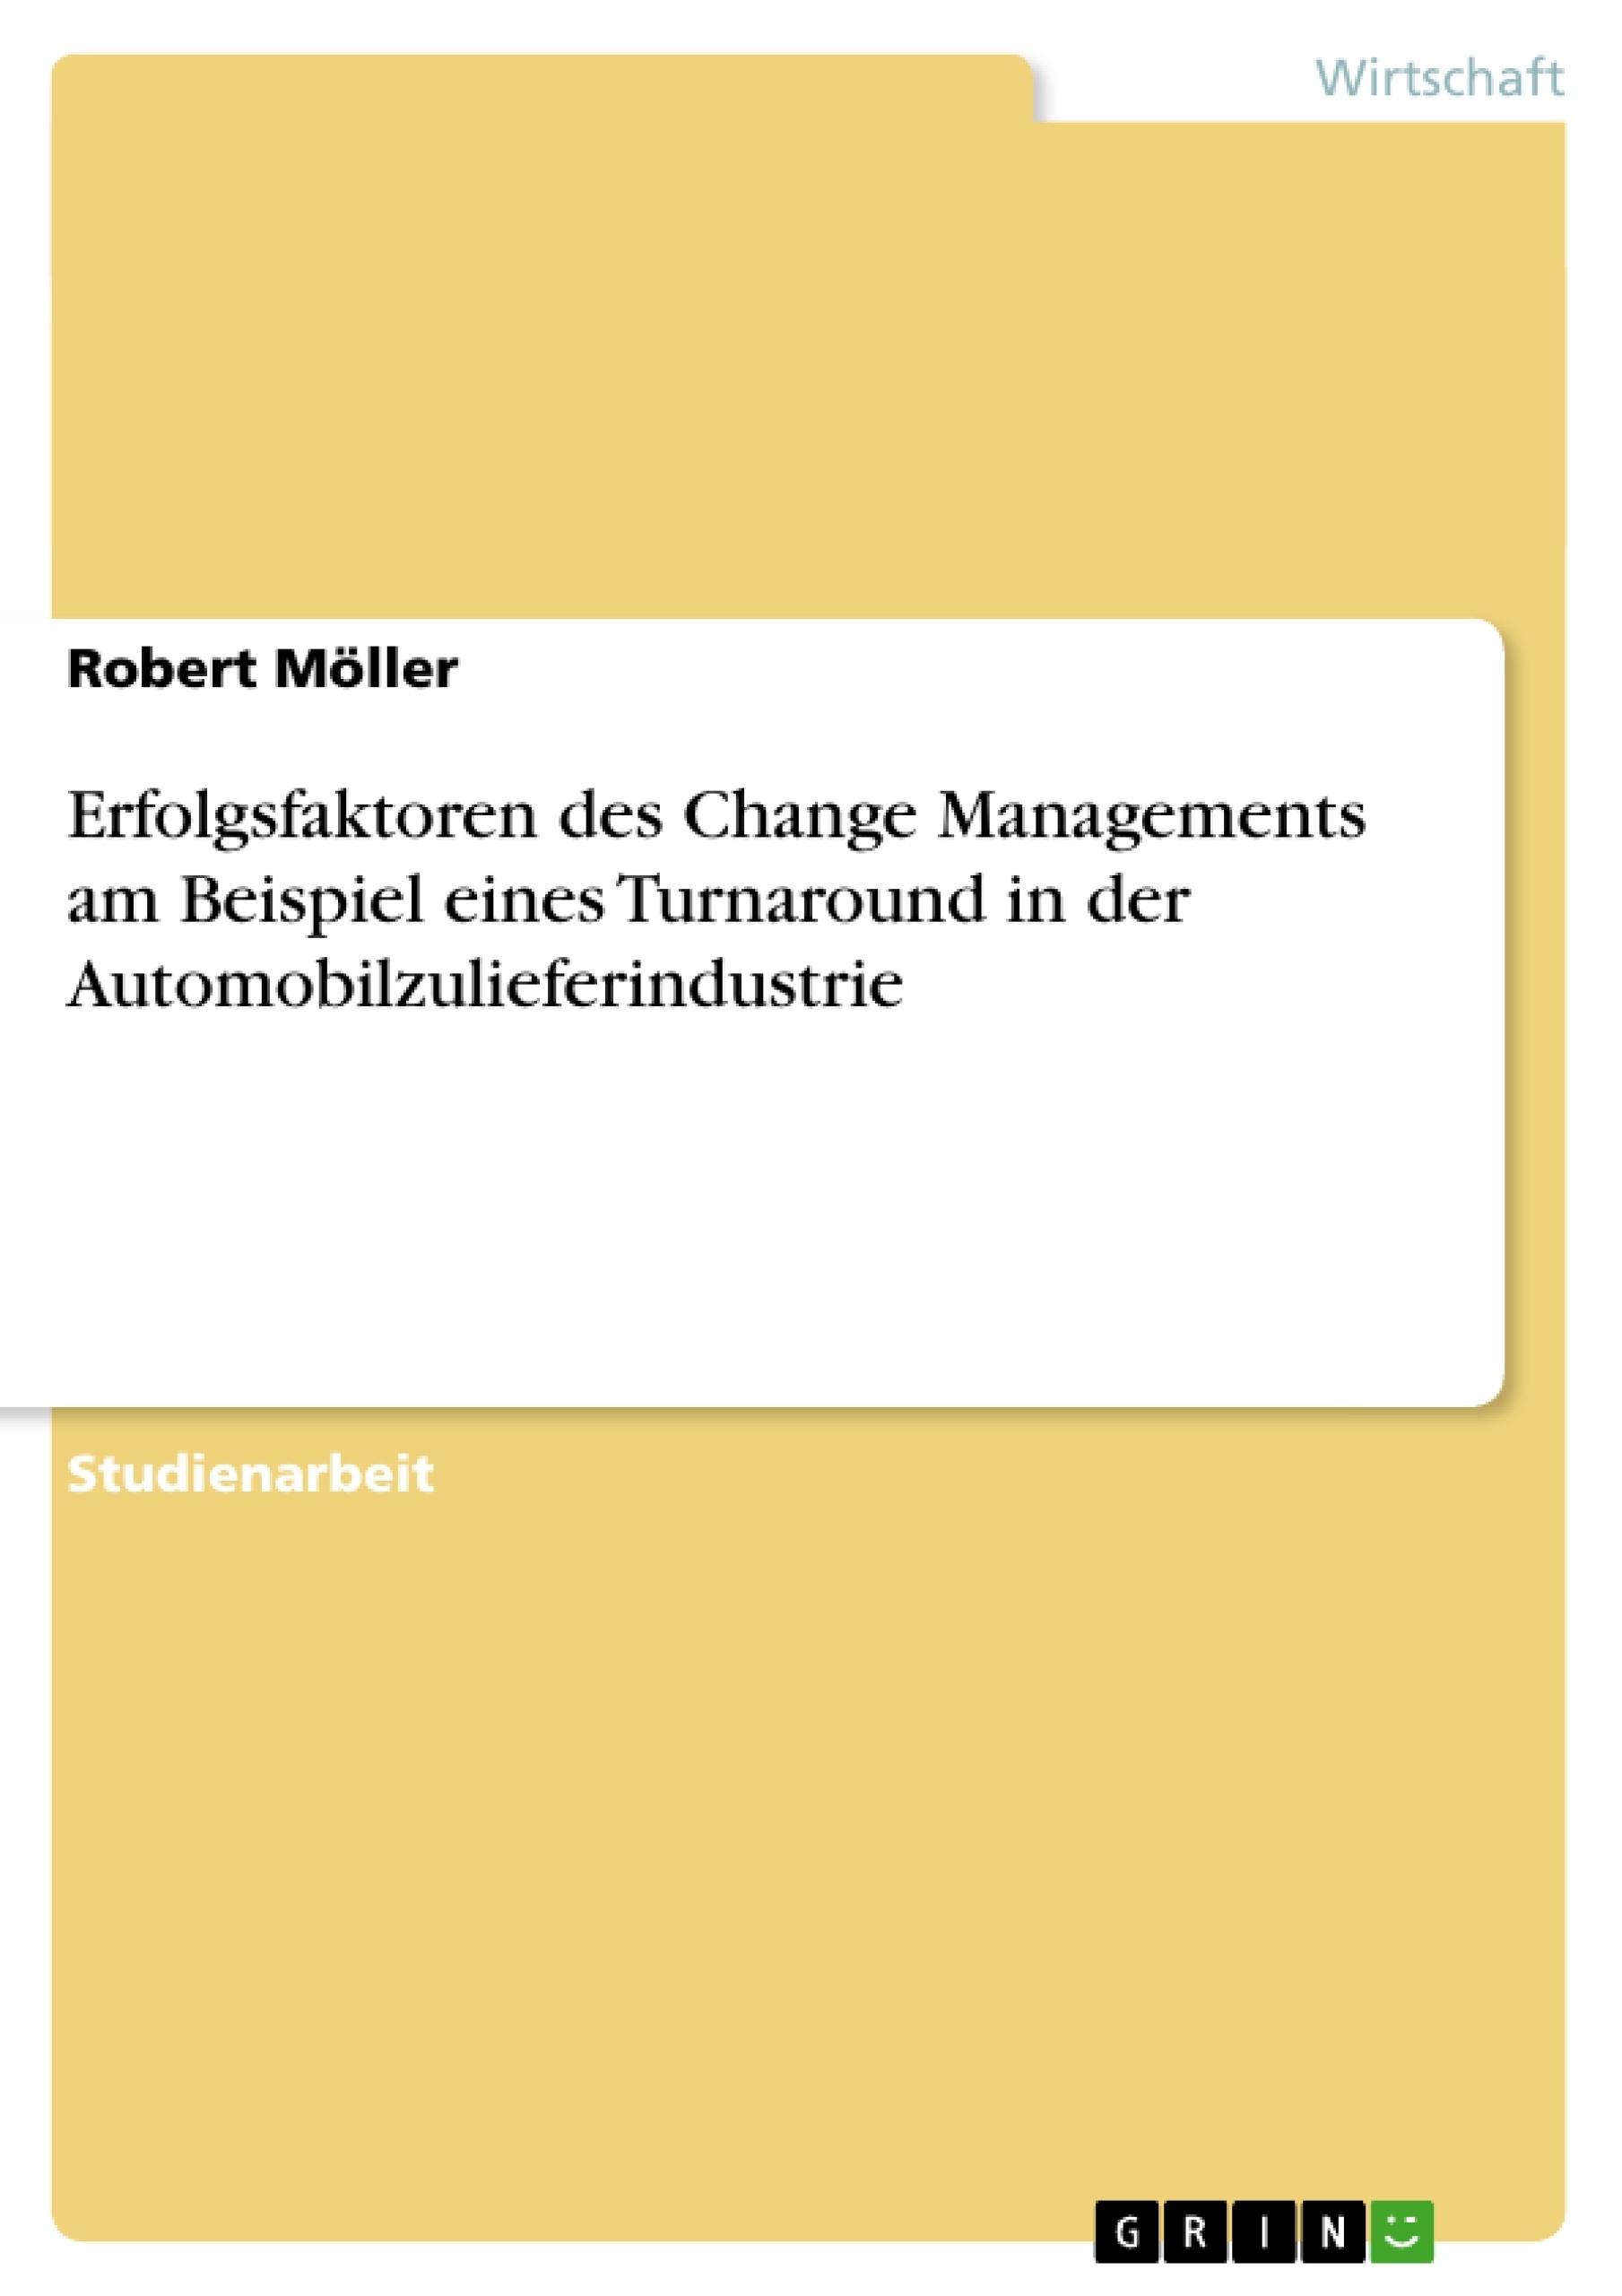 Titel: Erfolgsfaktoren des Change Managements am Beispiel eines Turnaround in der Automobilzulieferindustrie